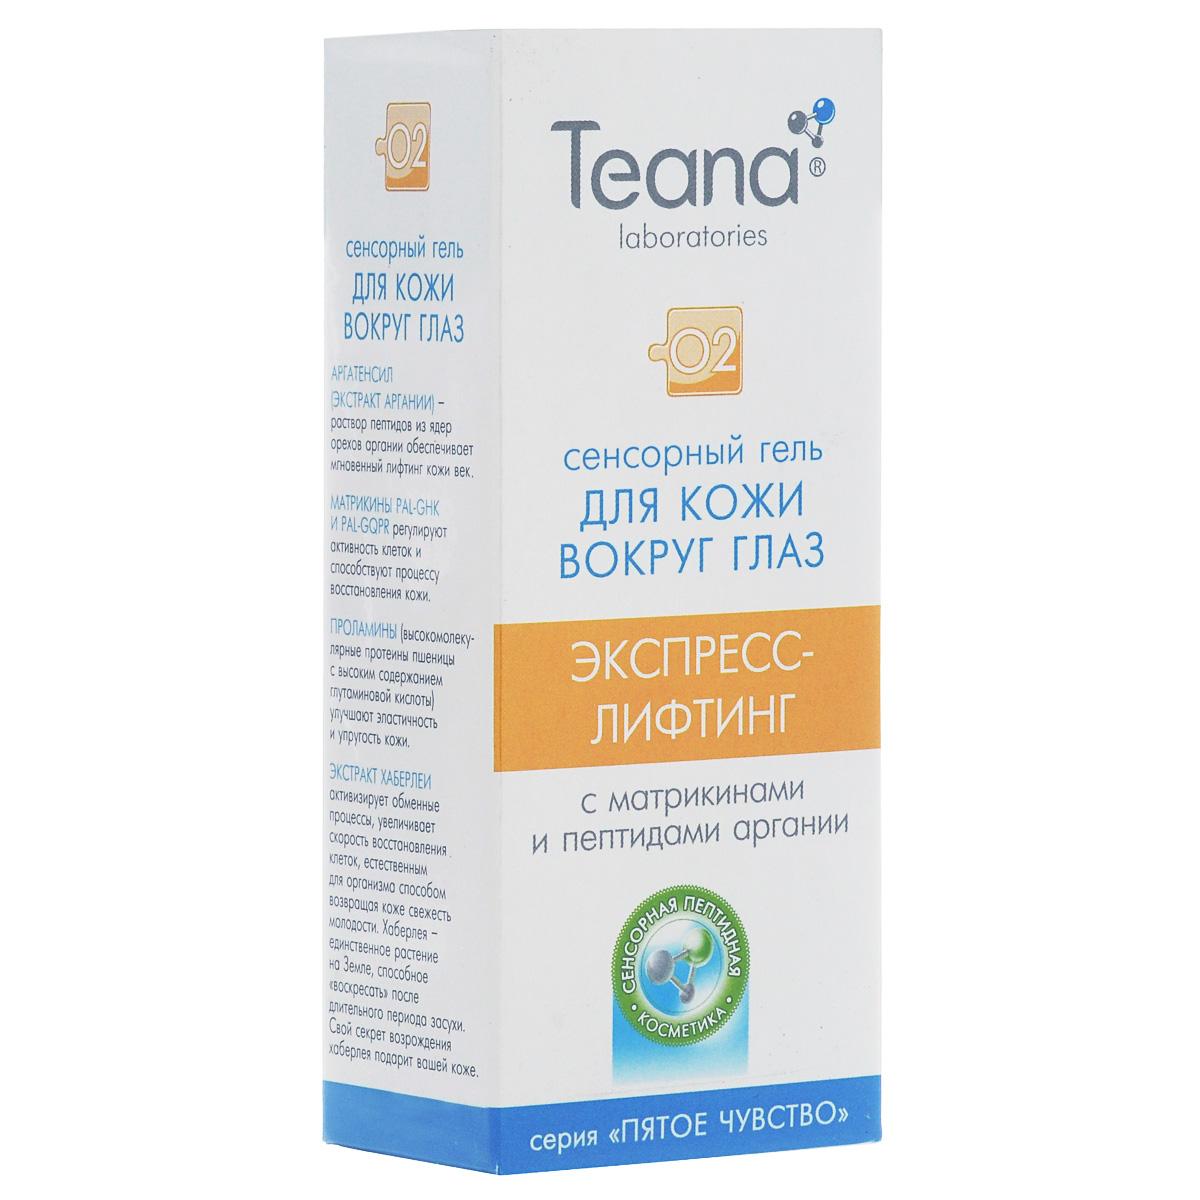 Сенсорный гель Teana для кожи вокруг глаз, экспресс-лифтинг, 25 мг